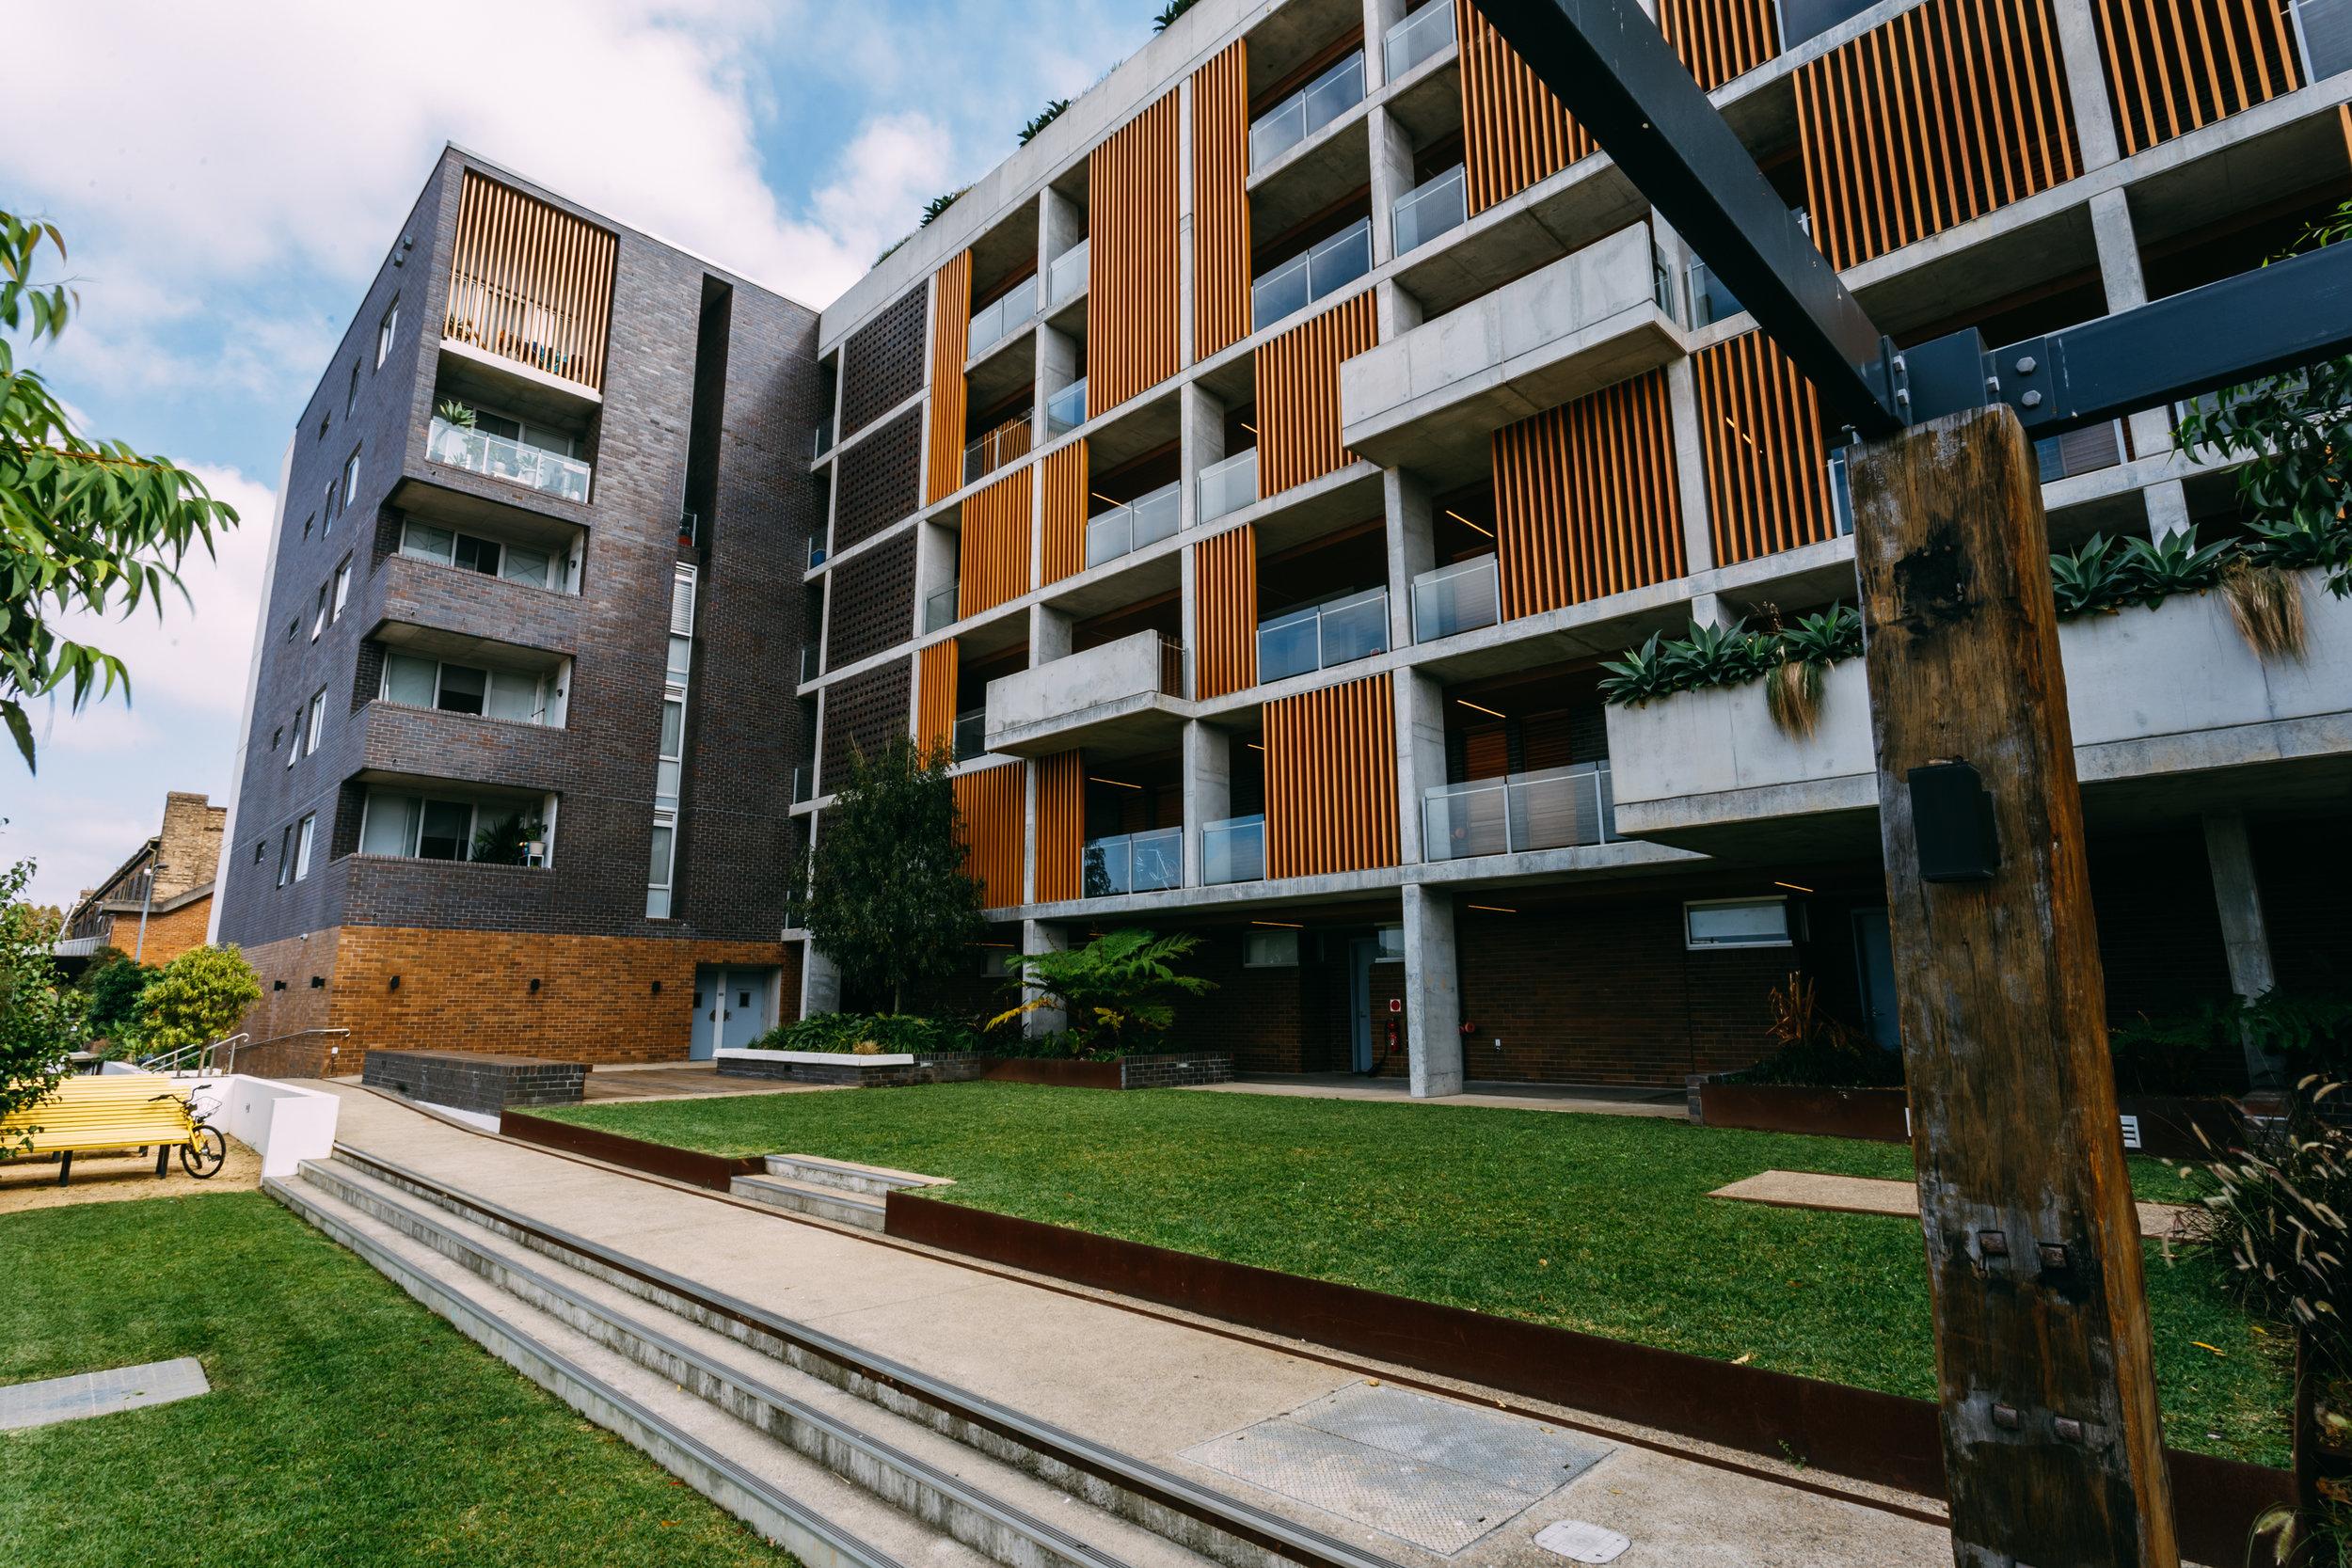 cwh_buildings_00951.jpg